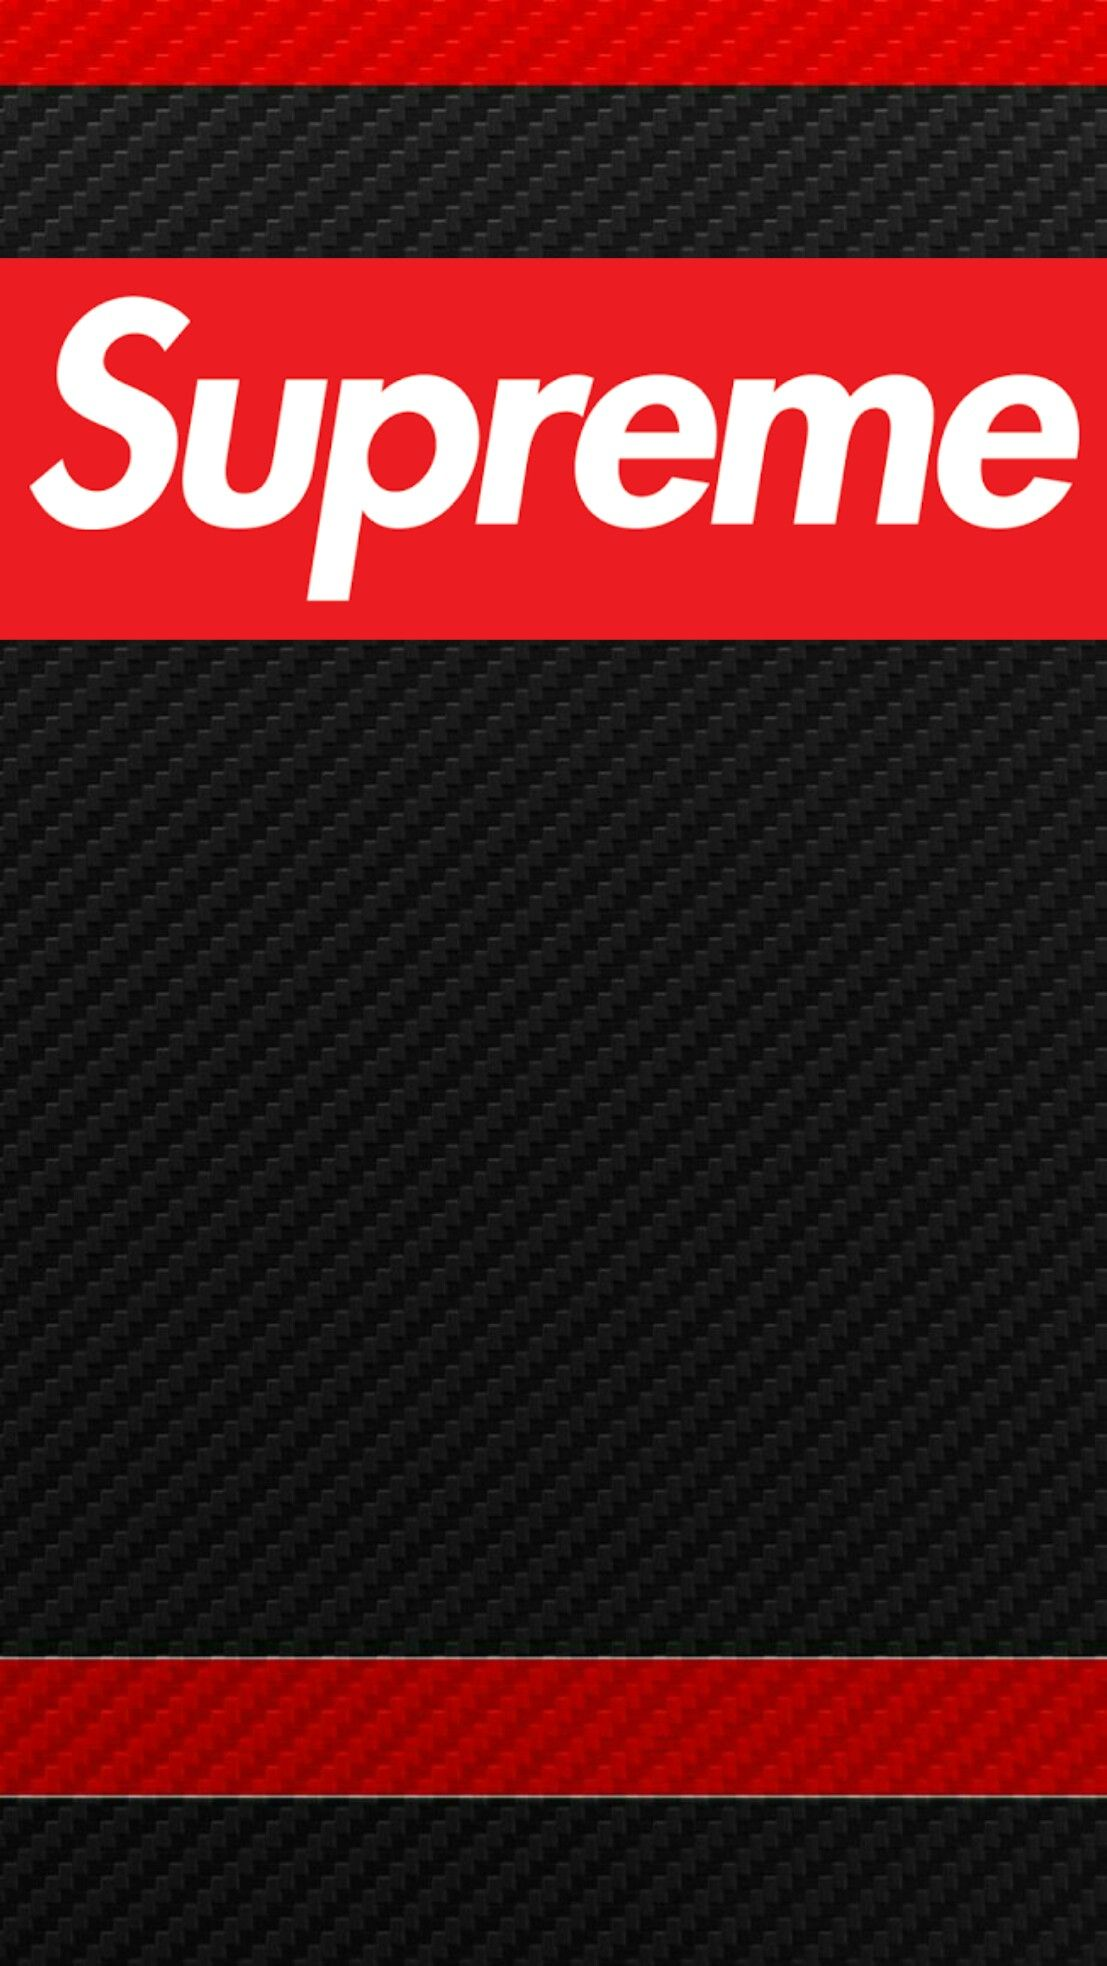 50 Supreme Black Wallpaper Iphone On Wallpapersafari